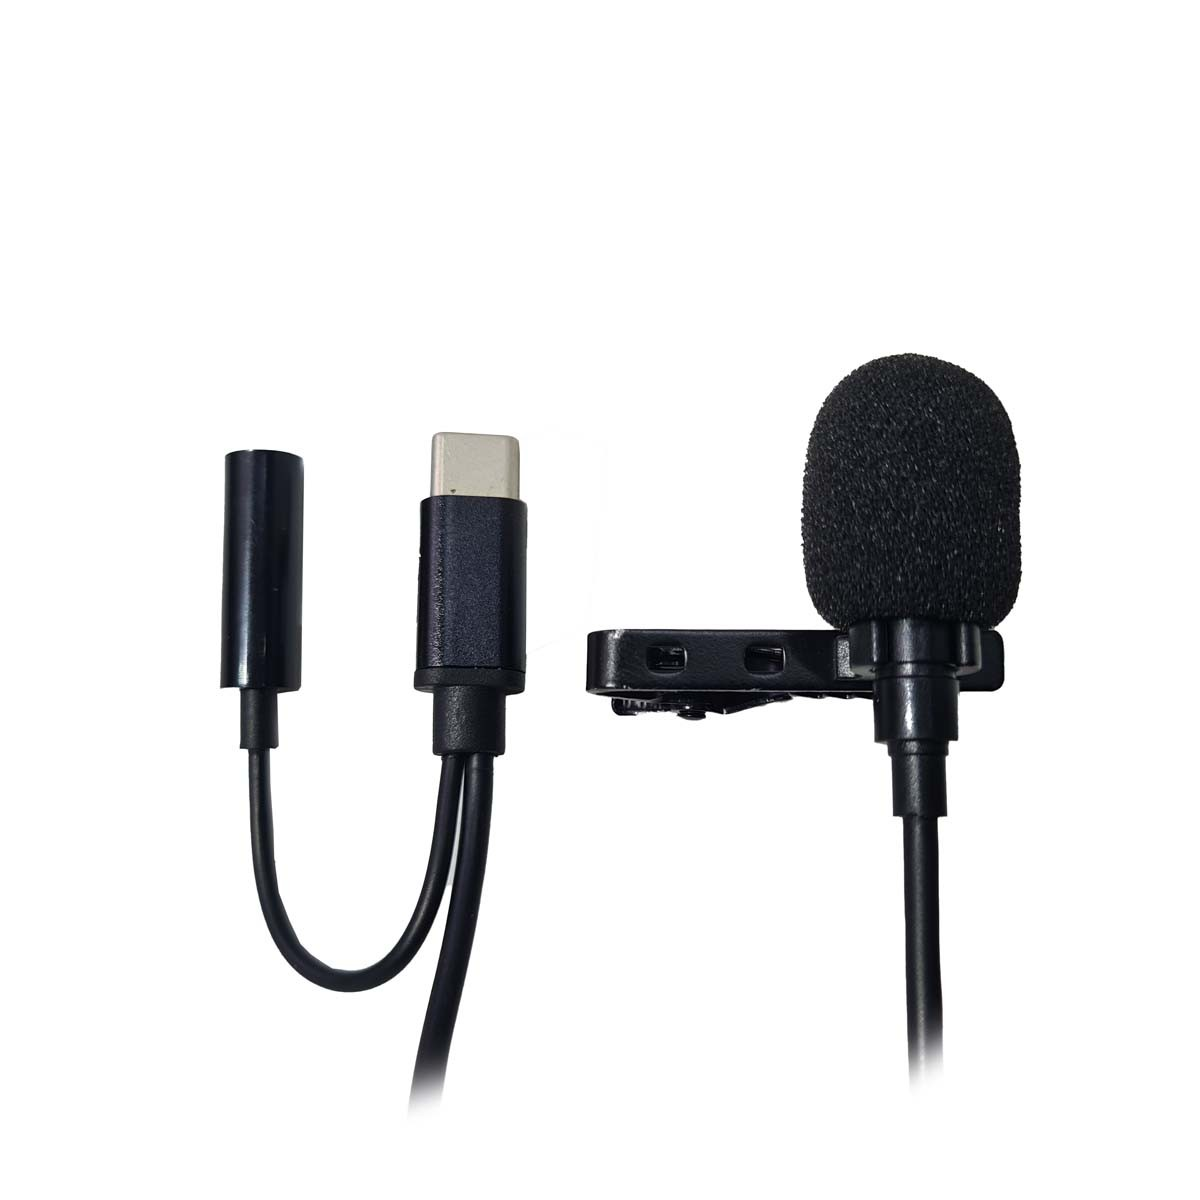 Microfone Condensador de Lapela para Celular Tipo C com Adaptador para Fone